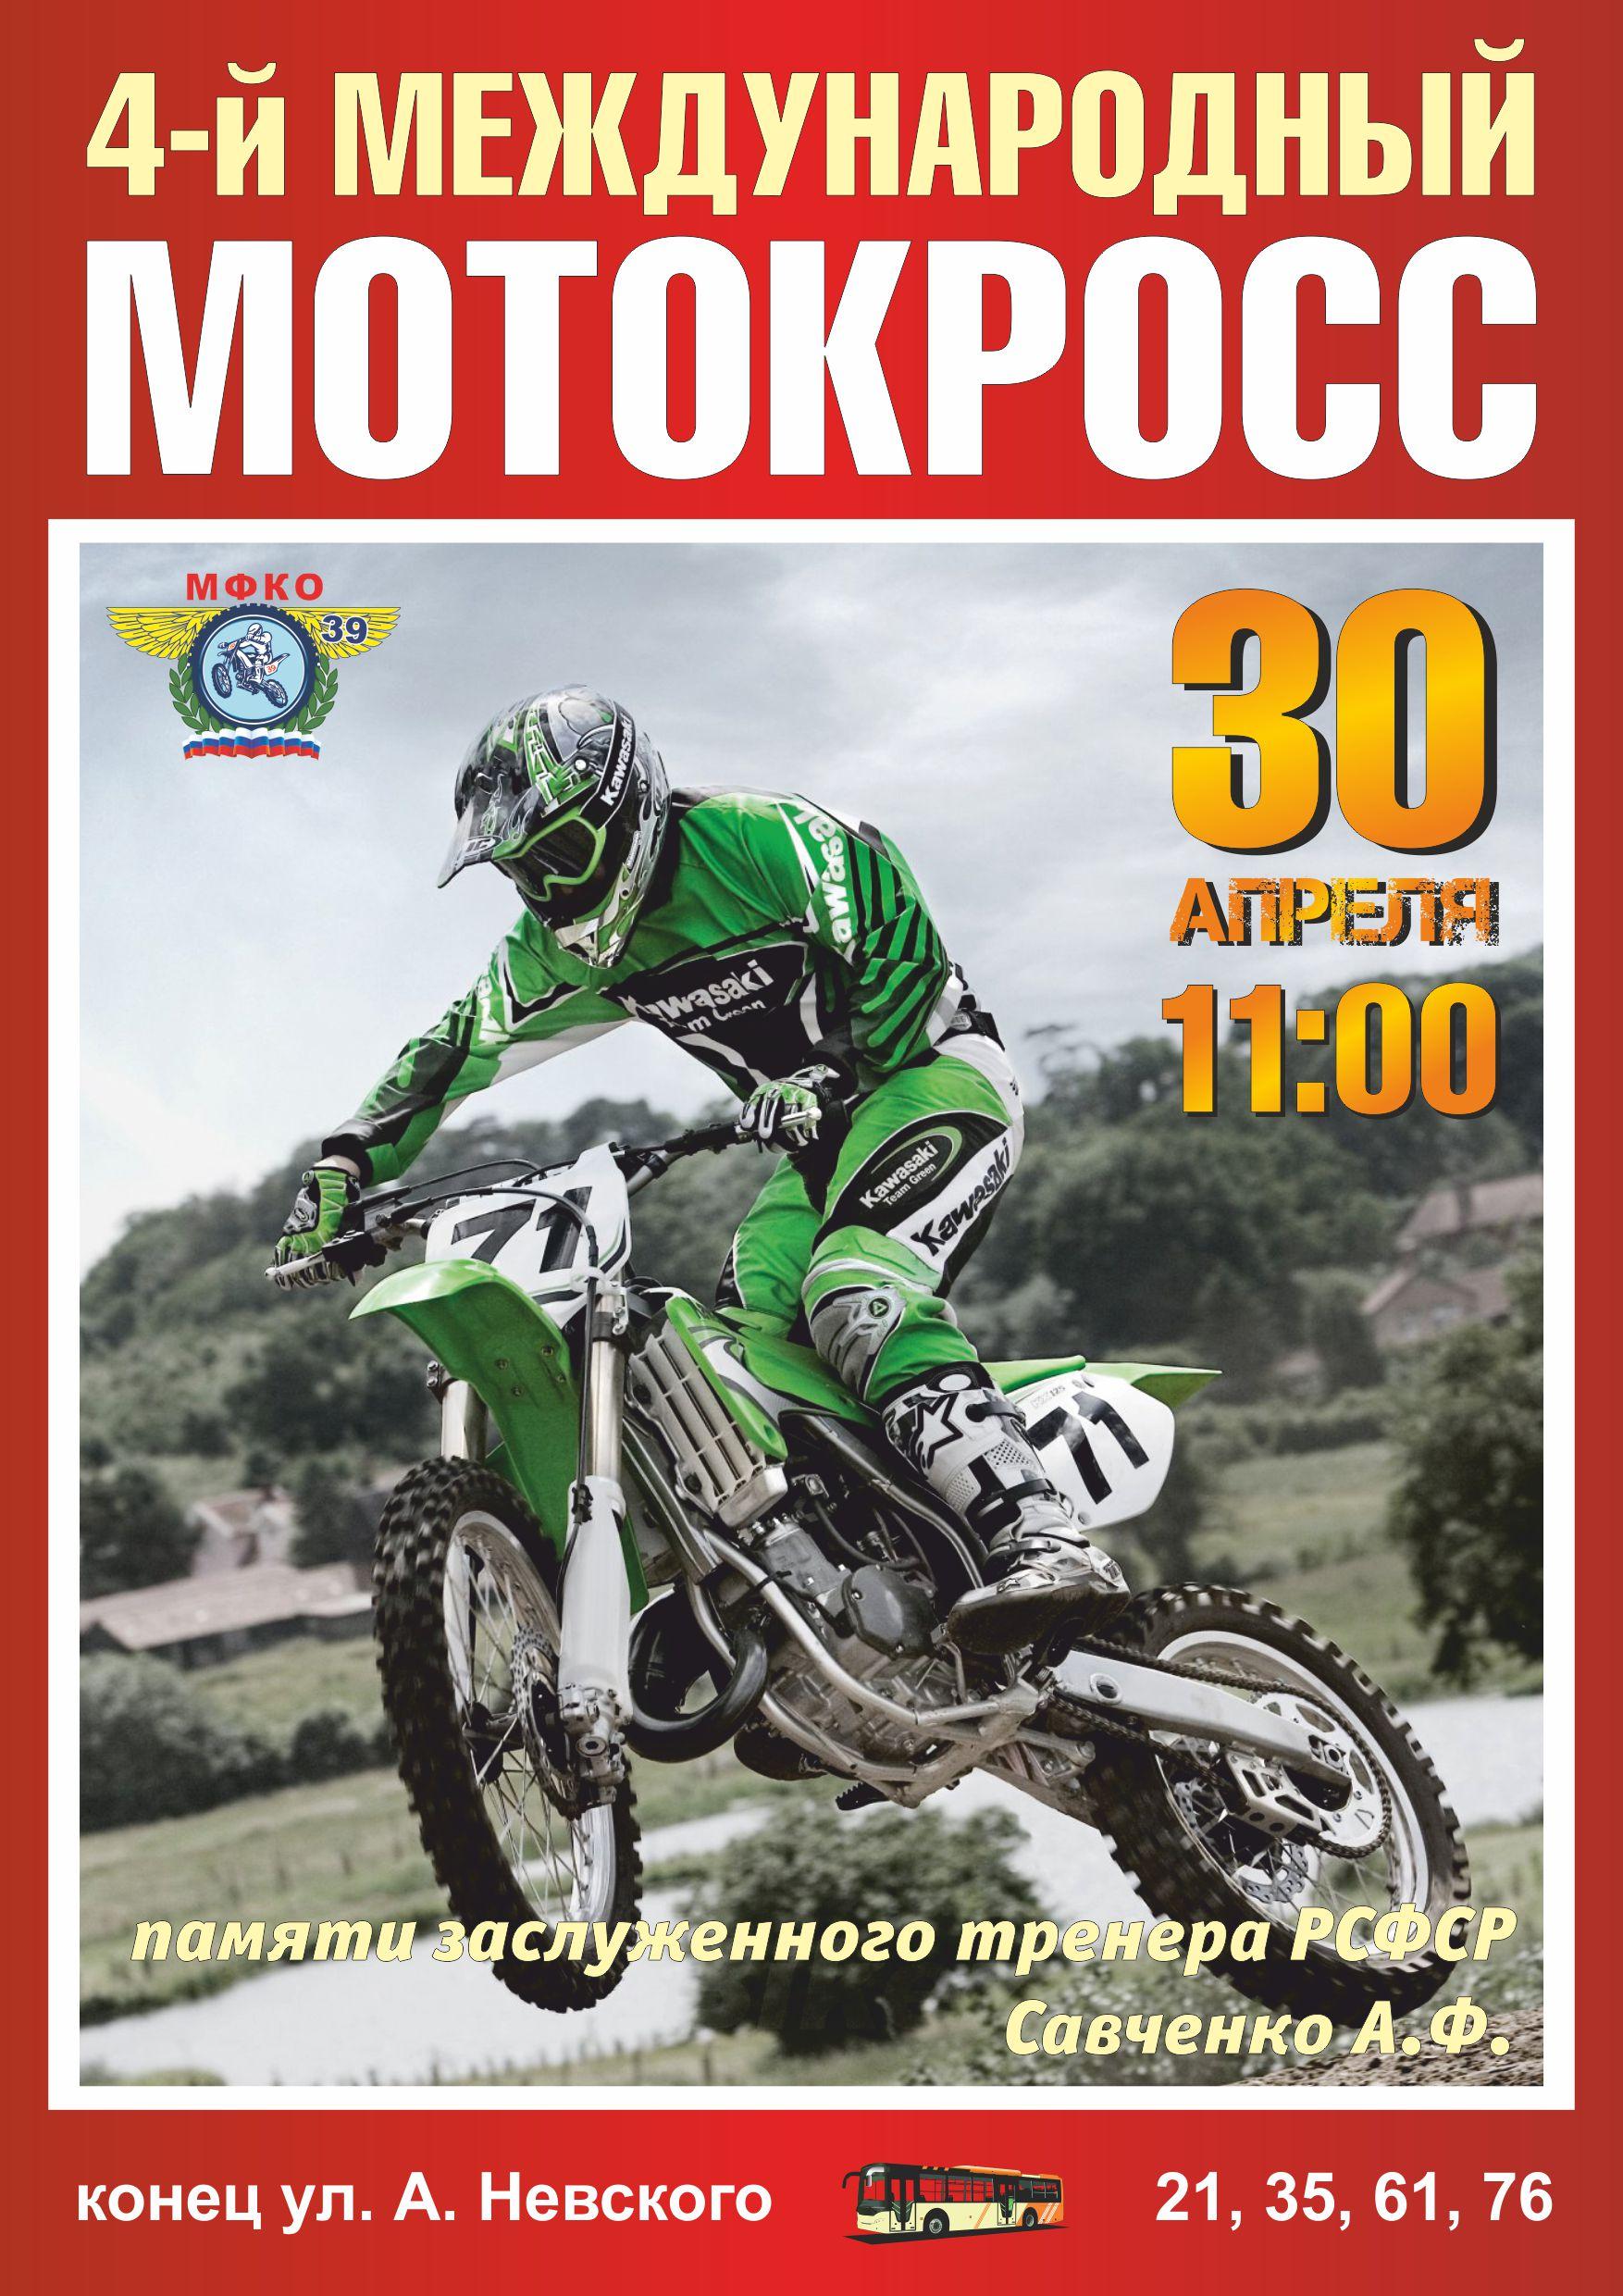 30 апреля мотокросс на трассе Северная гора